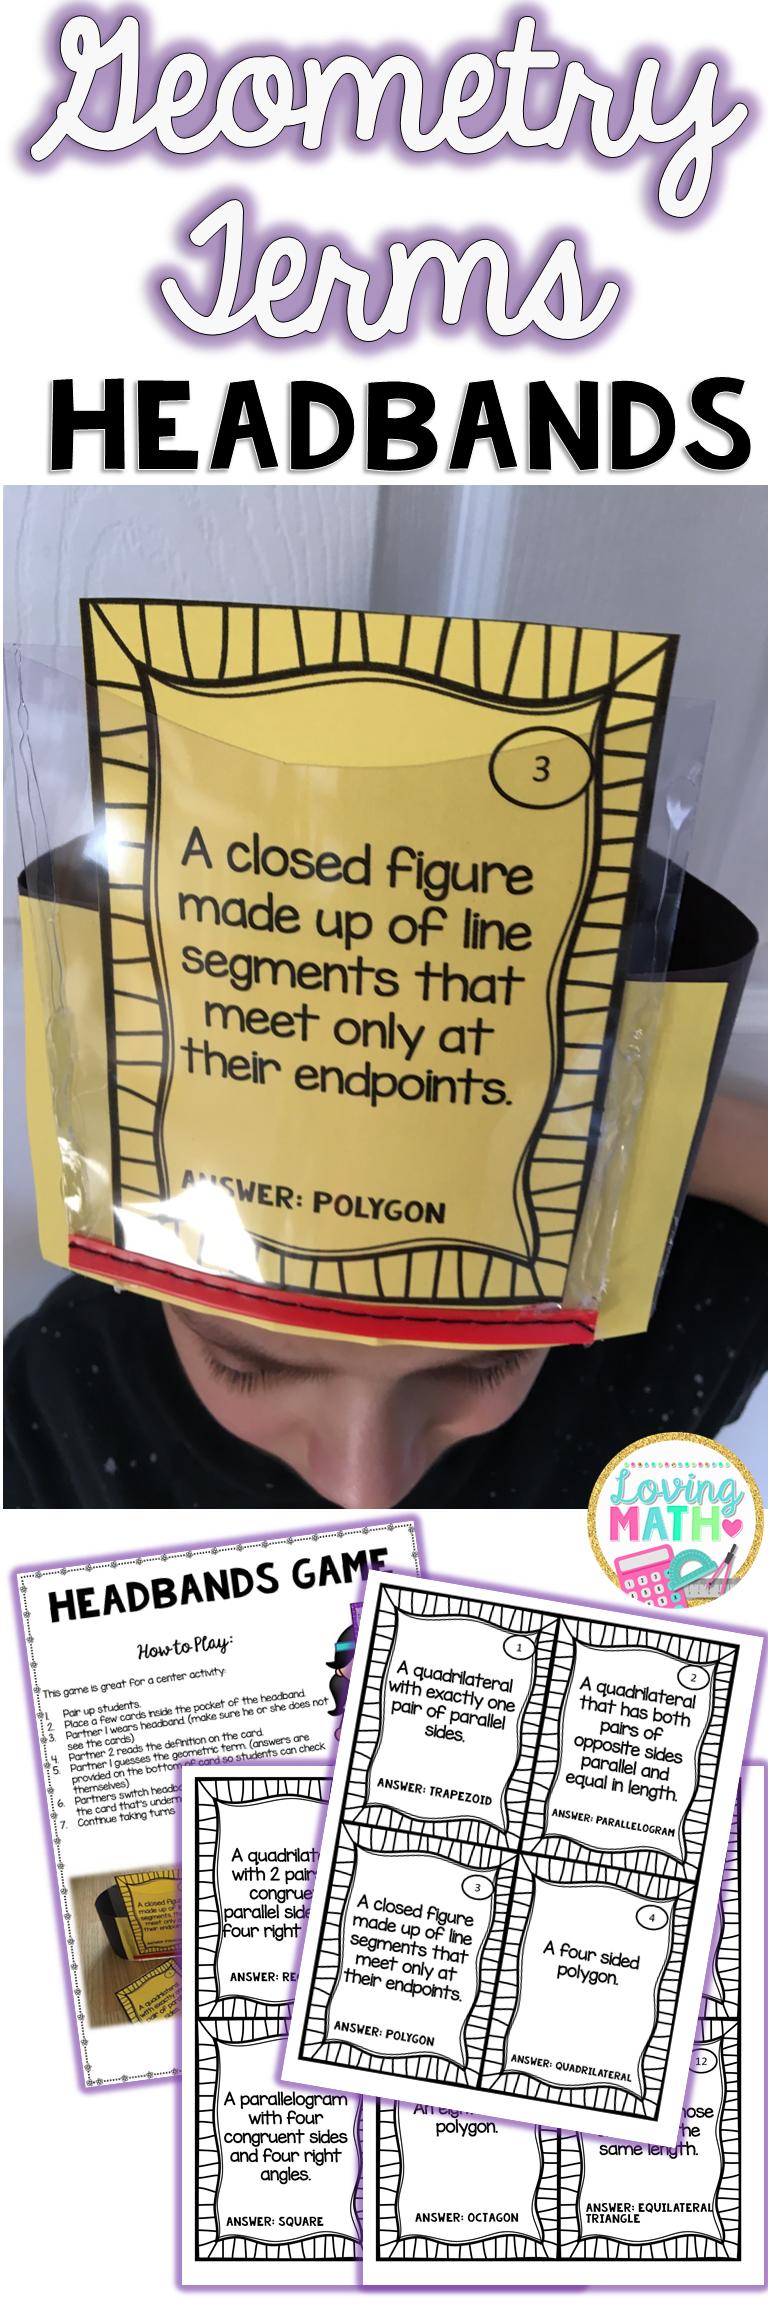 这个资源是练习几何术语的数学中心游戏。它符合3-5年级的通用核心标准。学生与一位戴着头带的伴侣一起工作,另一位伴侣阅读定义。 ♥此资源包括:♥◊24卡◊关于如何创建头带的说明◊如何玩的指导♥您可以找到以下几何术语:♥梯形◊多边形◊四边形◊矩形◊菱形◊正方形◊五角形◊六角形◊七边形◊八边形◊等边三角形◊等腰三角形◊三角形◊直角三角形◊锐角三角形◊钝角三角形◊直角锐角◊钝角◊点◊线◊线段◊射线♥节省金钱....